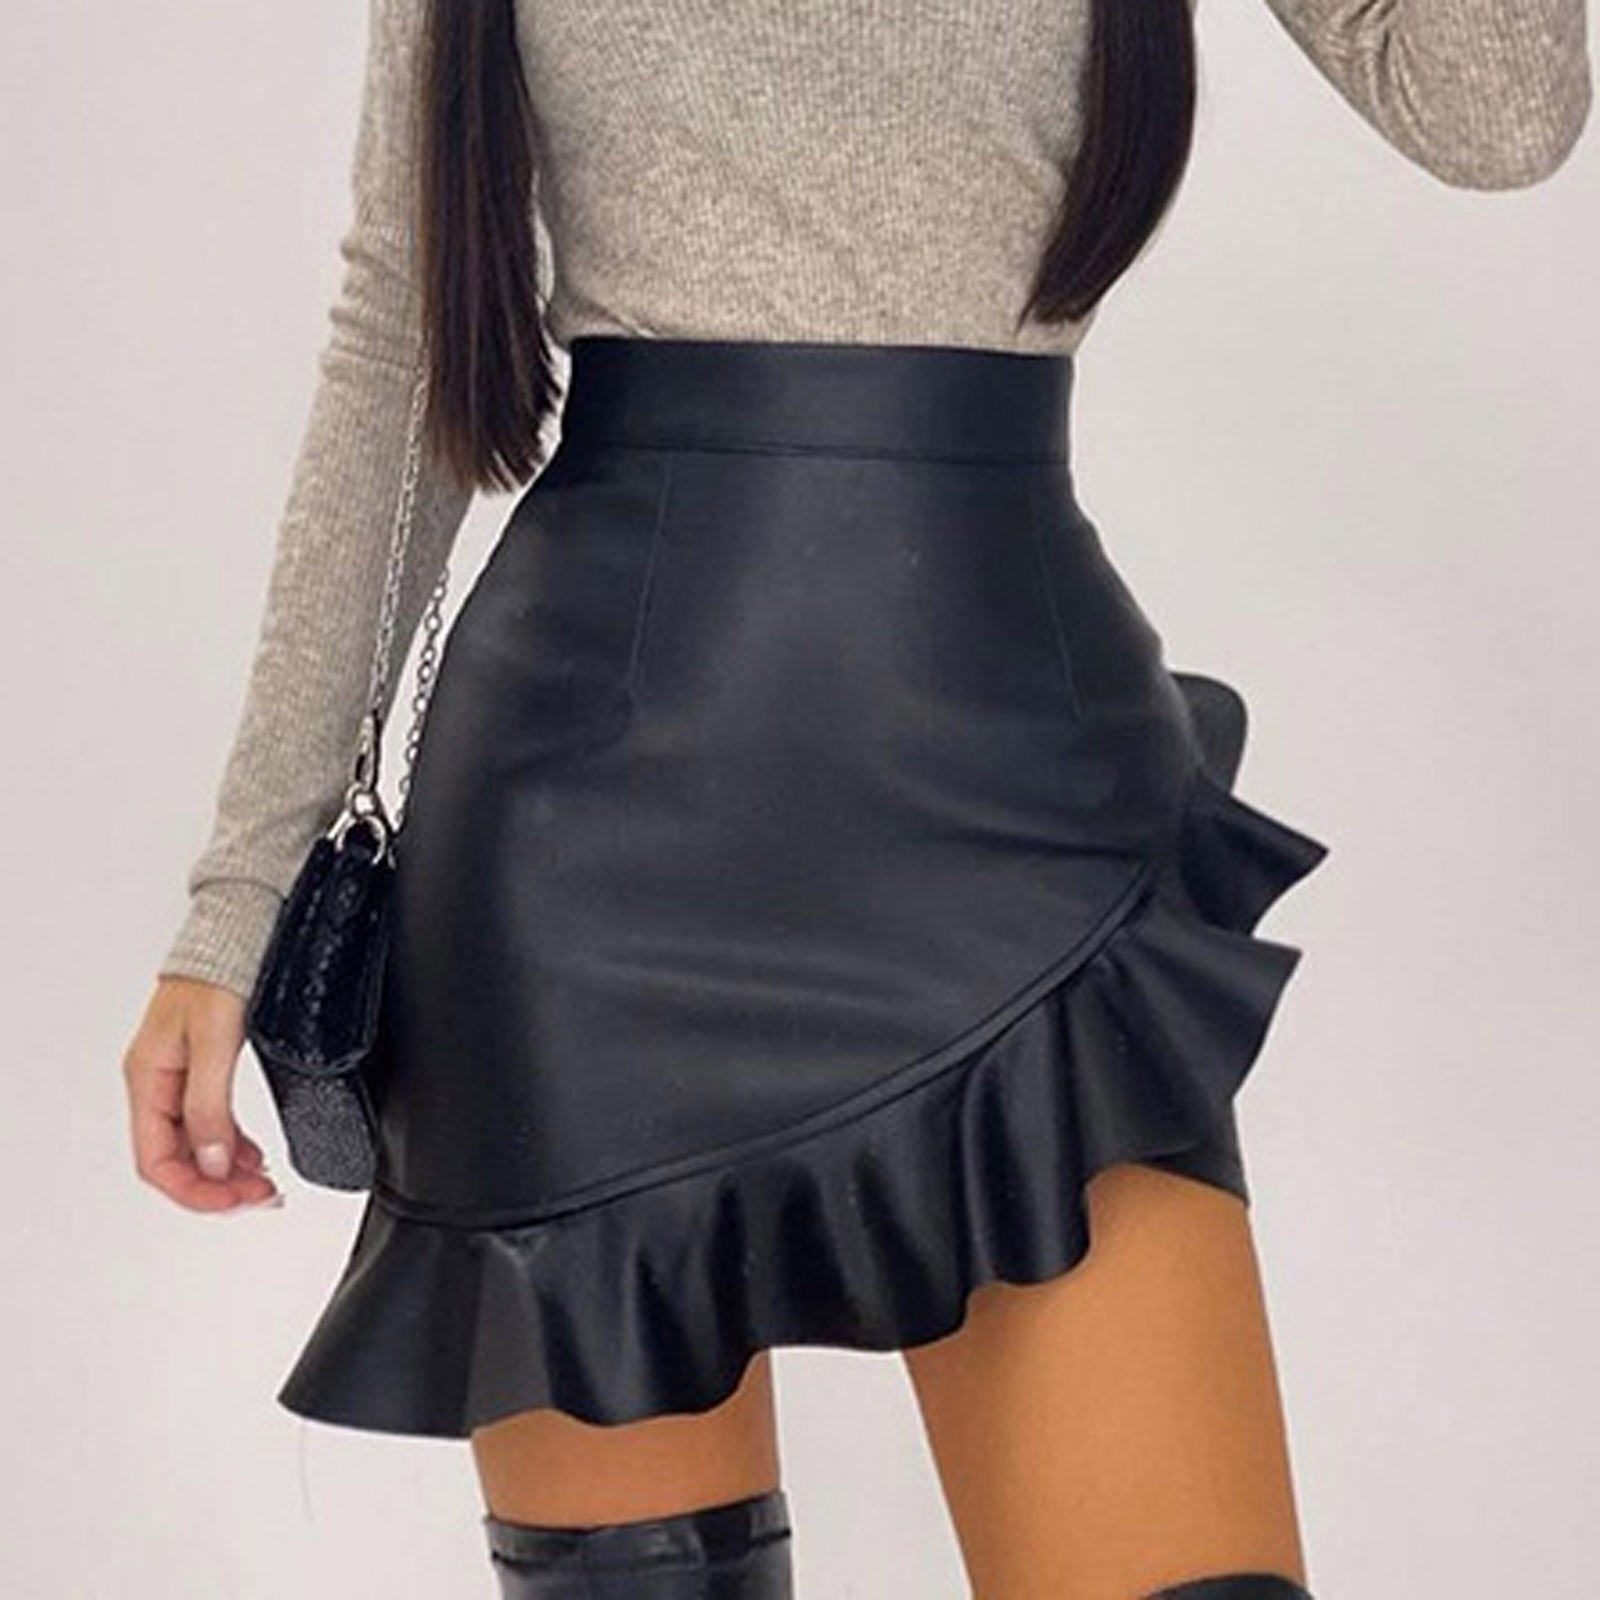 Уличной моды юбка женская однотонная блуза с оборками сексуальное платье трапециевидной формы нерегулярные кожаная юбка миди Юбки Mujer Faldas Женские Юбки